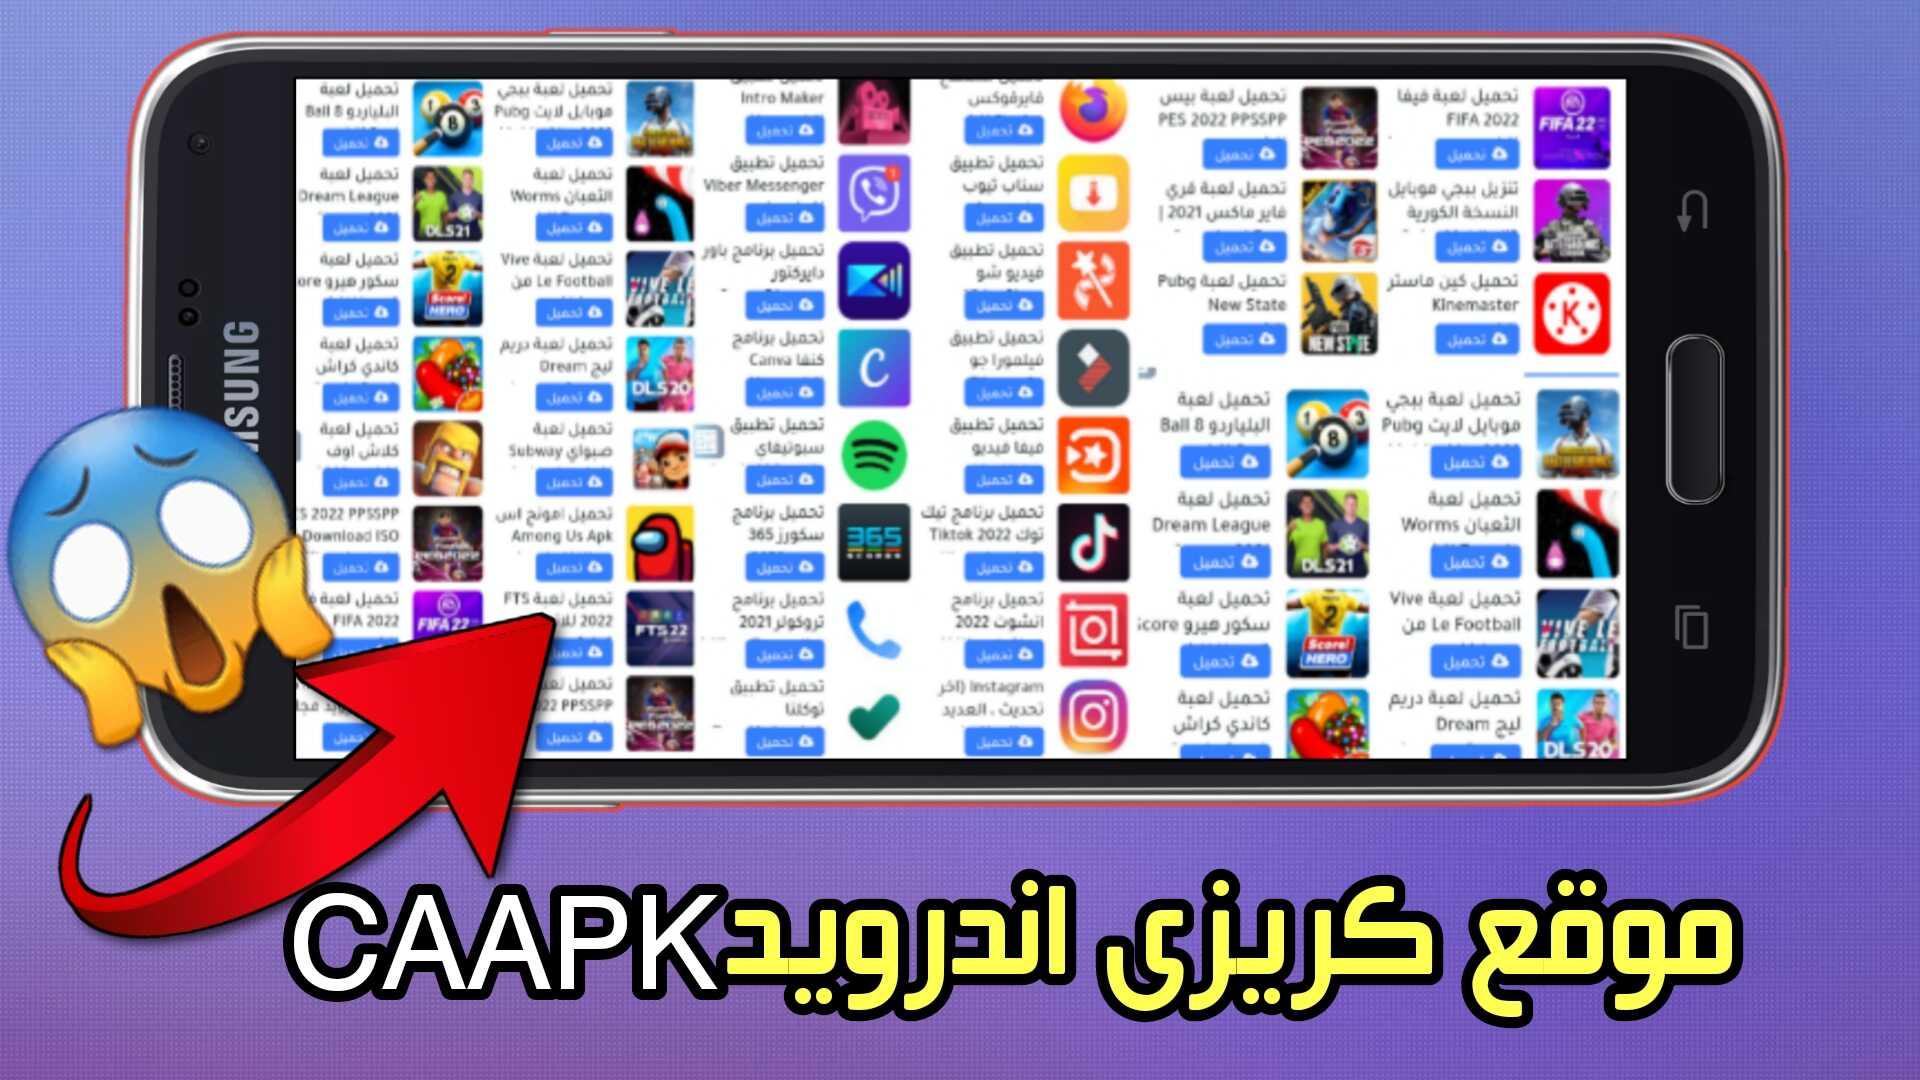 موقع كريزى اندرويد CAAPK لتحميل التطبيقات والالعاب